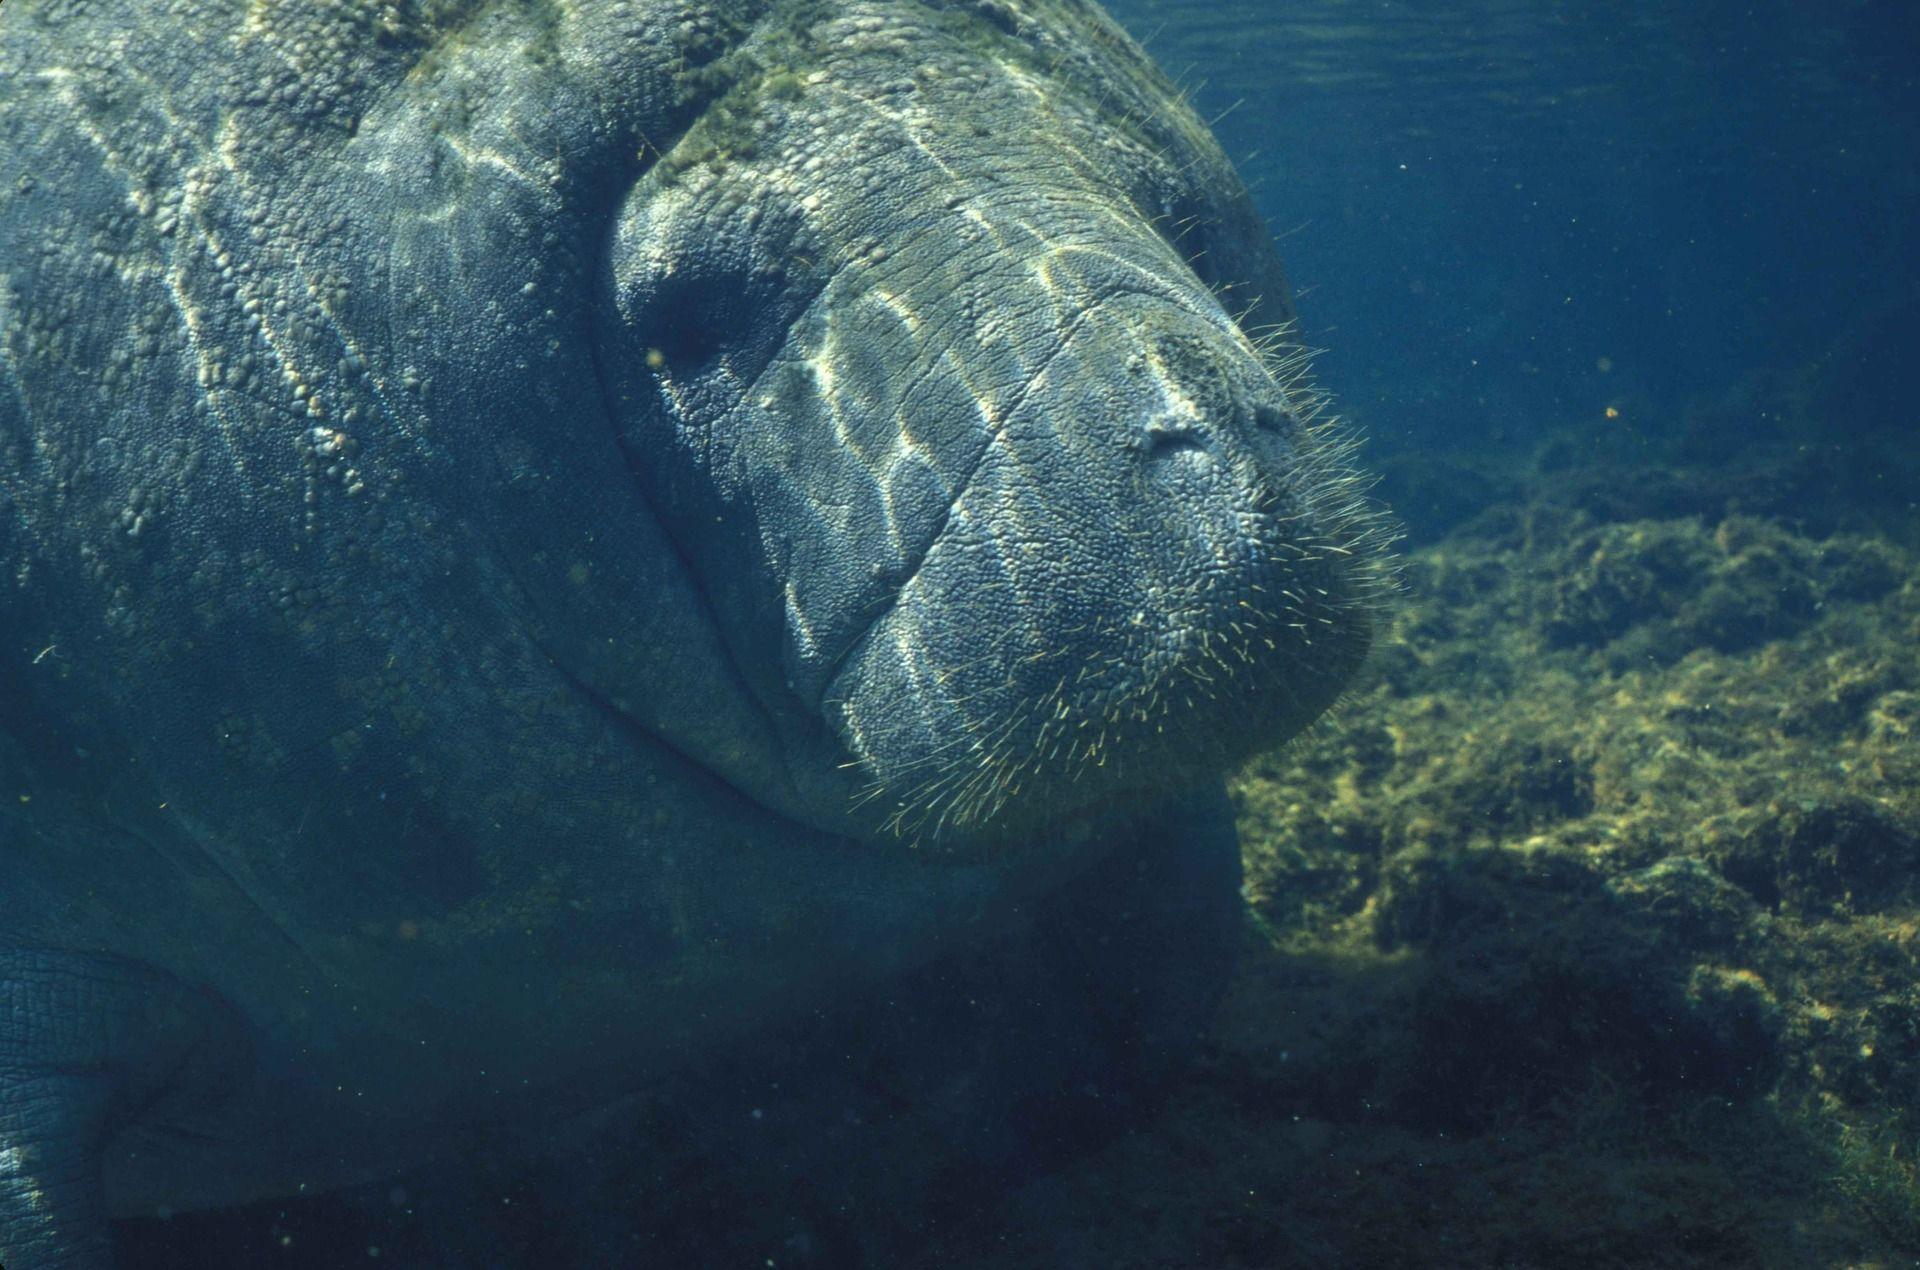 Смотреть интересное фото большой ламантин на глубине